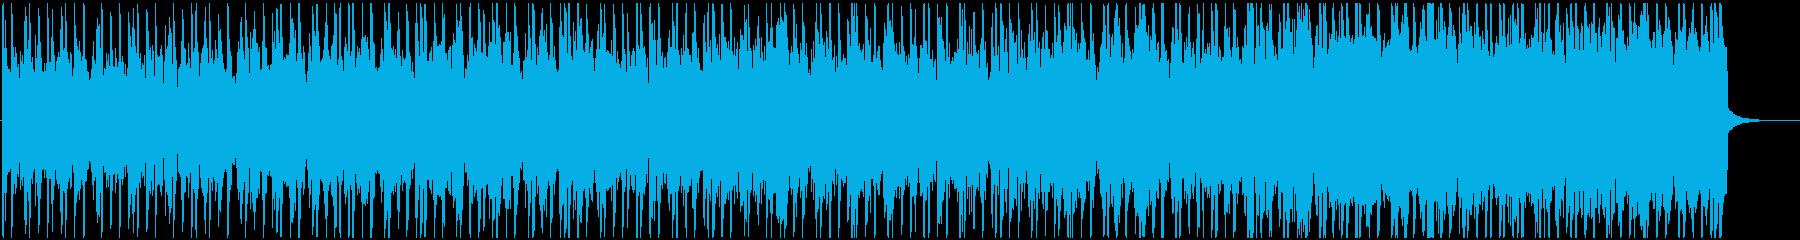 都会的、クールでスムースなドラムンベースの再生済みの波形